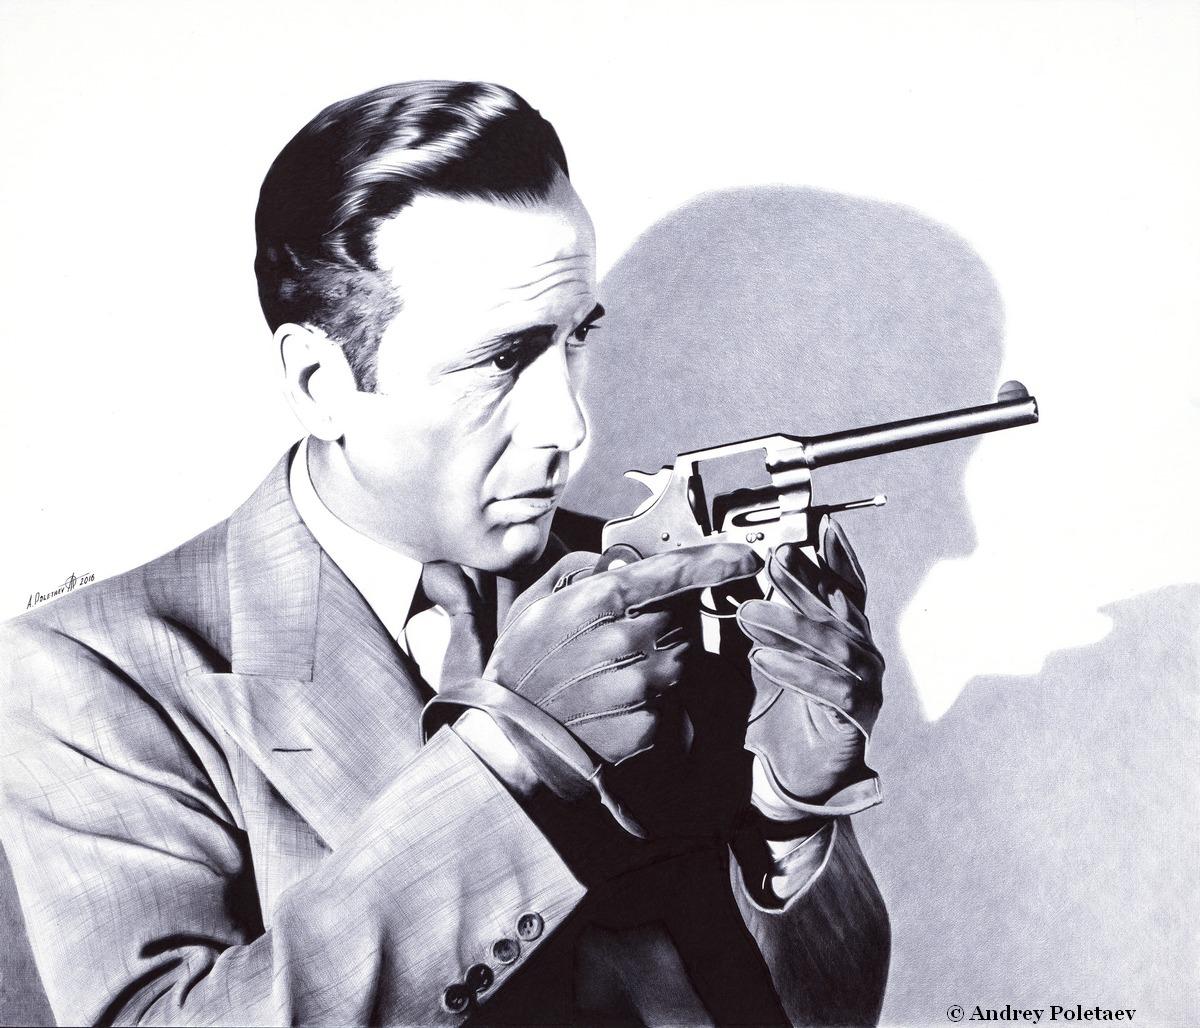 PoletaevArt-BallpointPen-Bogart.jpg